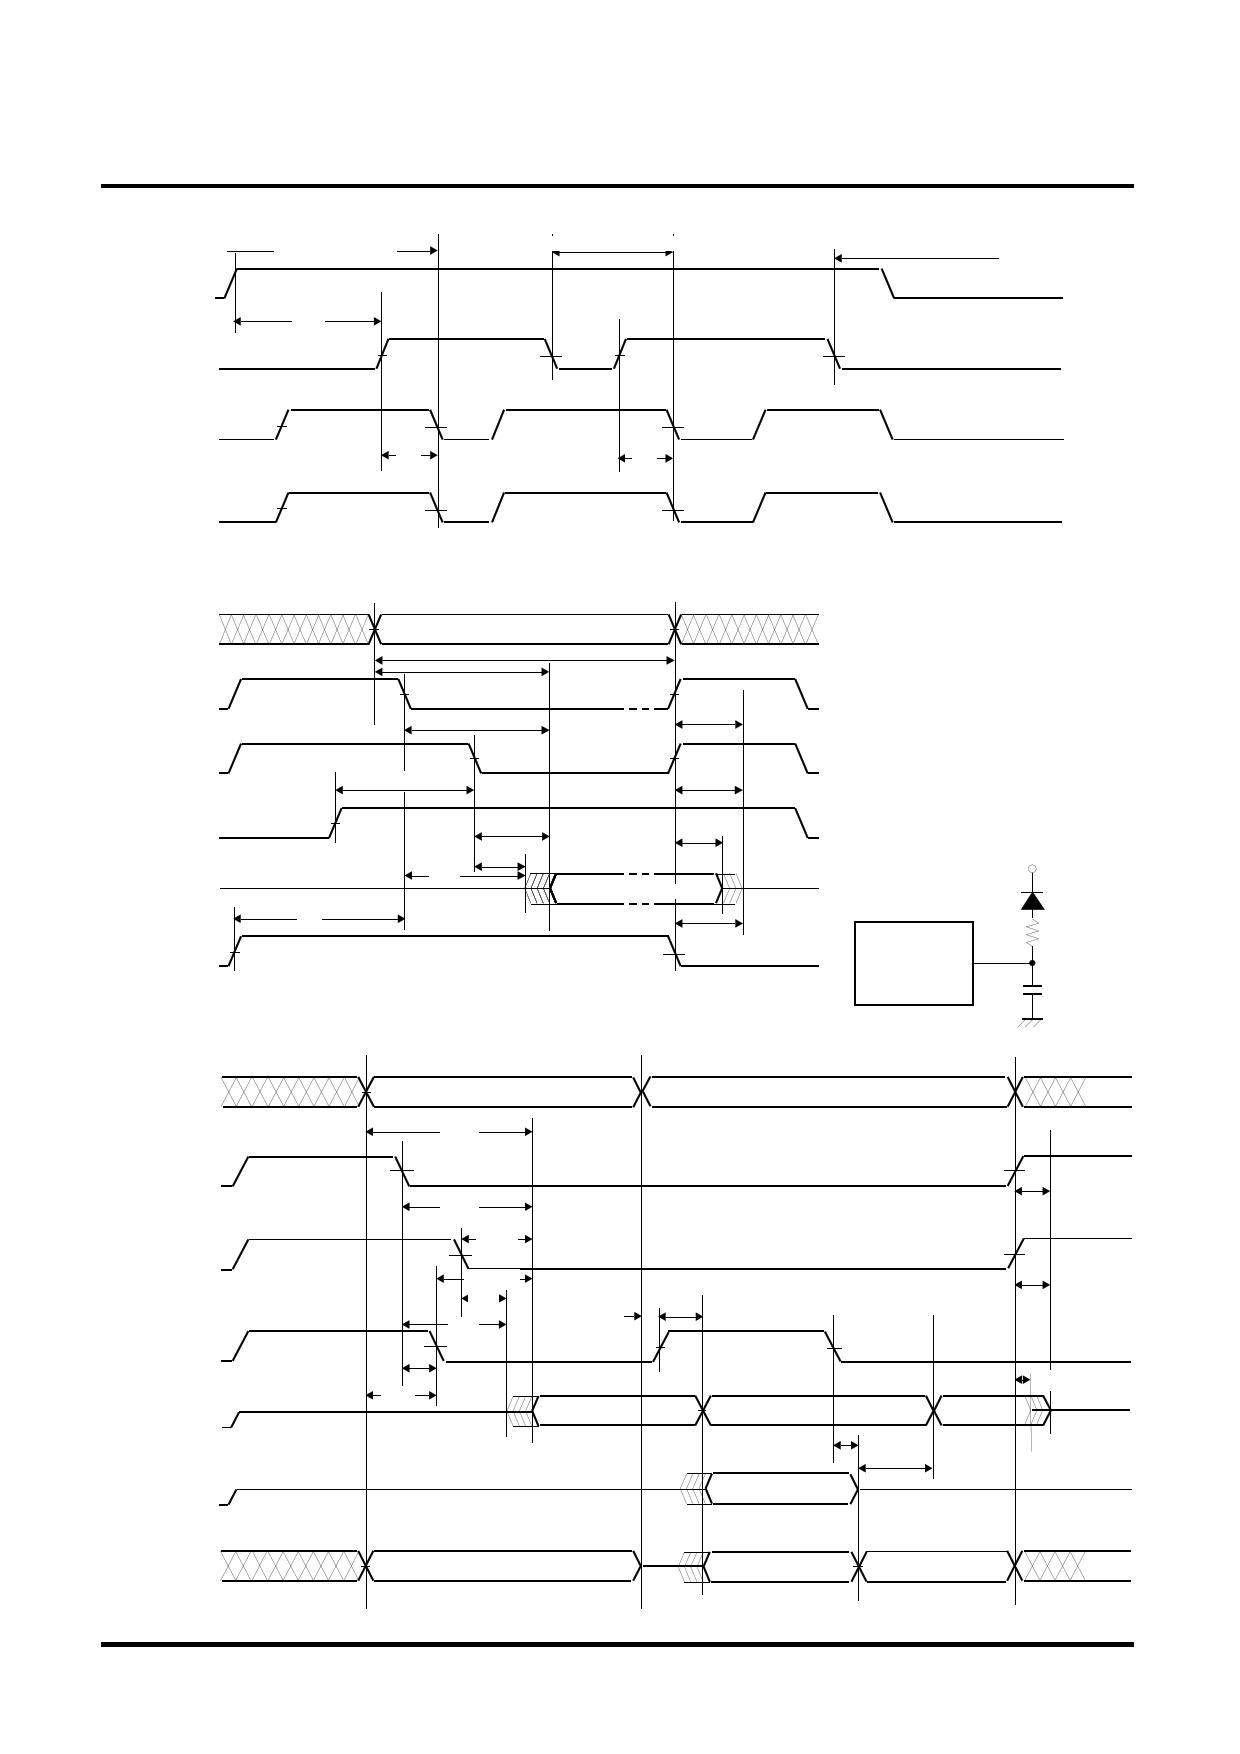 M5M29FT800VP-12 transistor, diode fet, igbt, scr